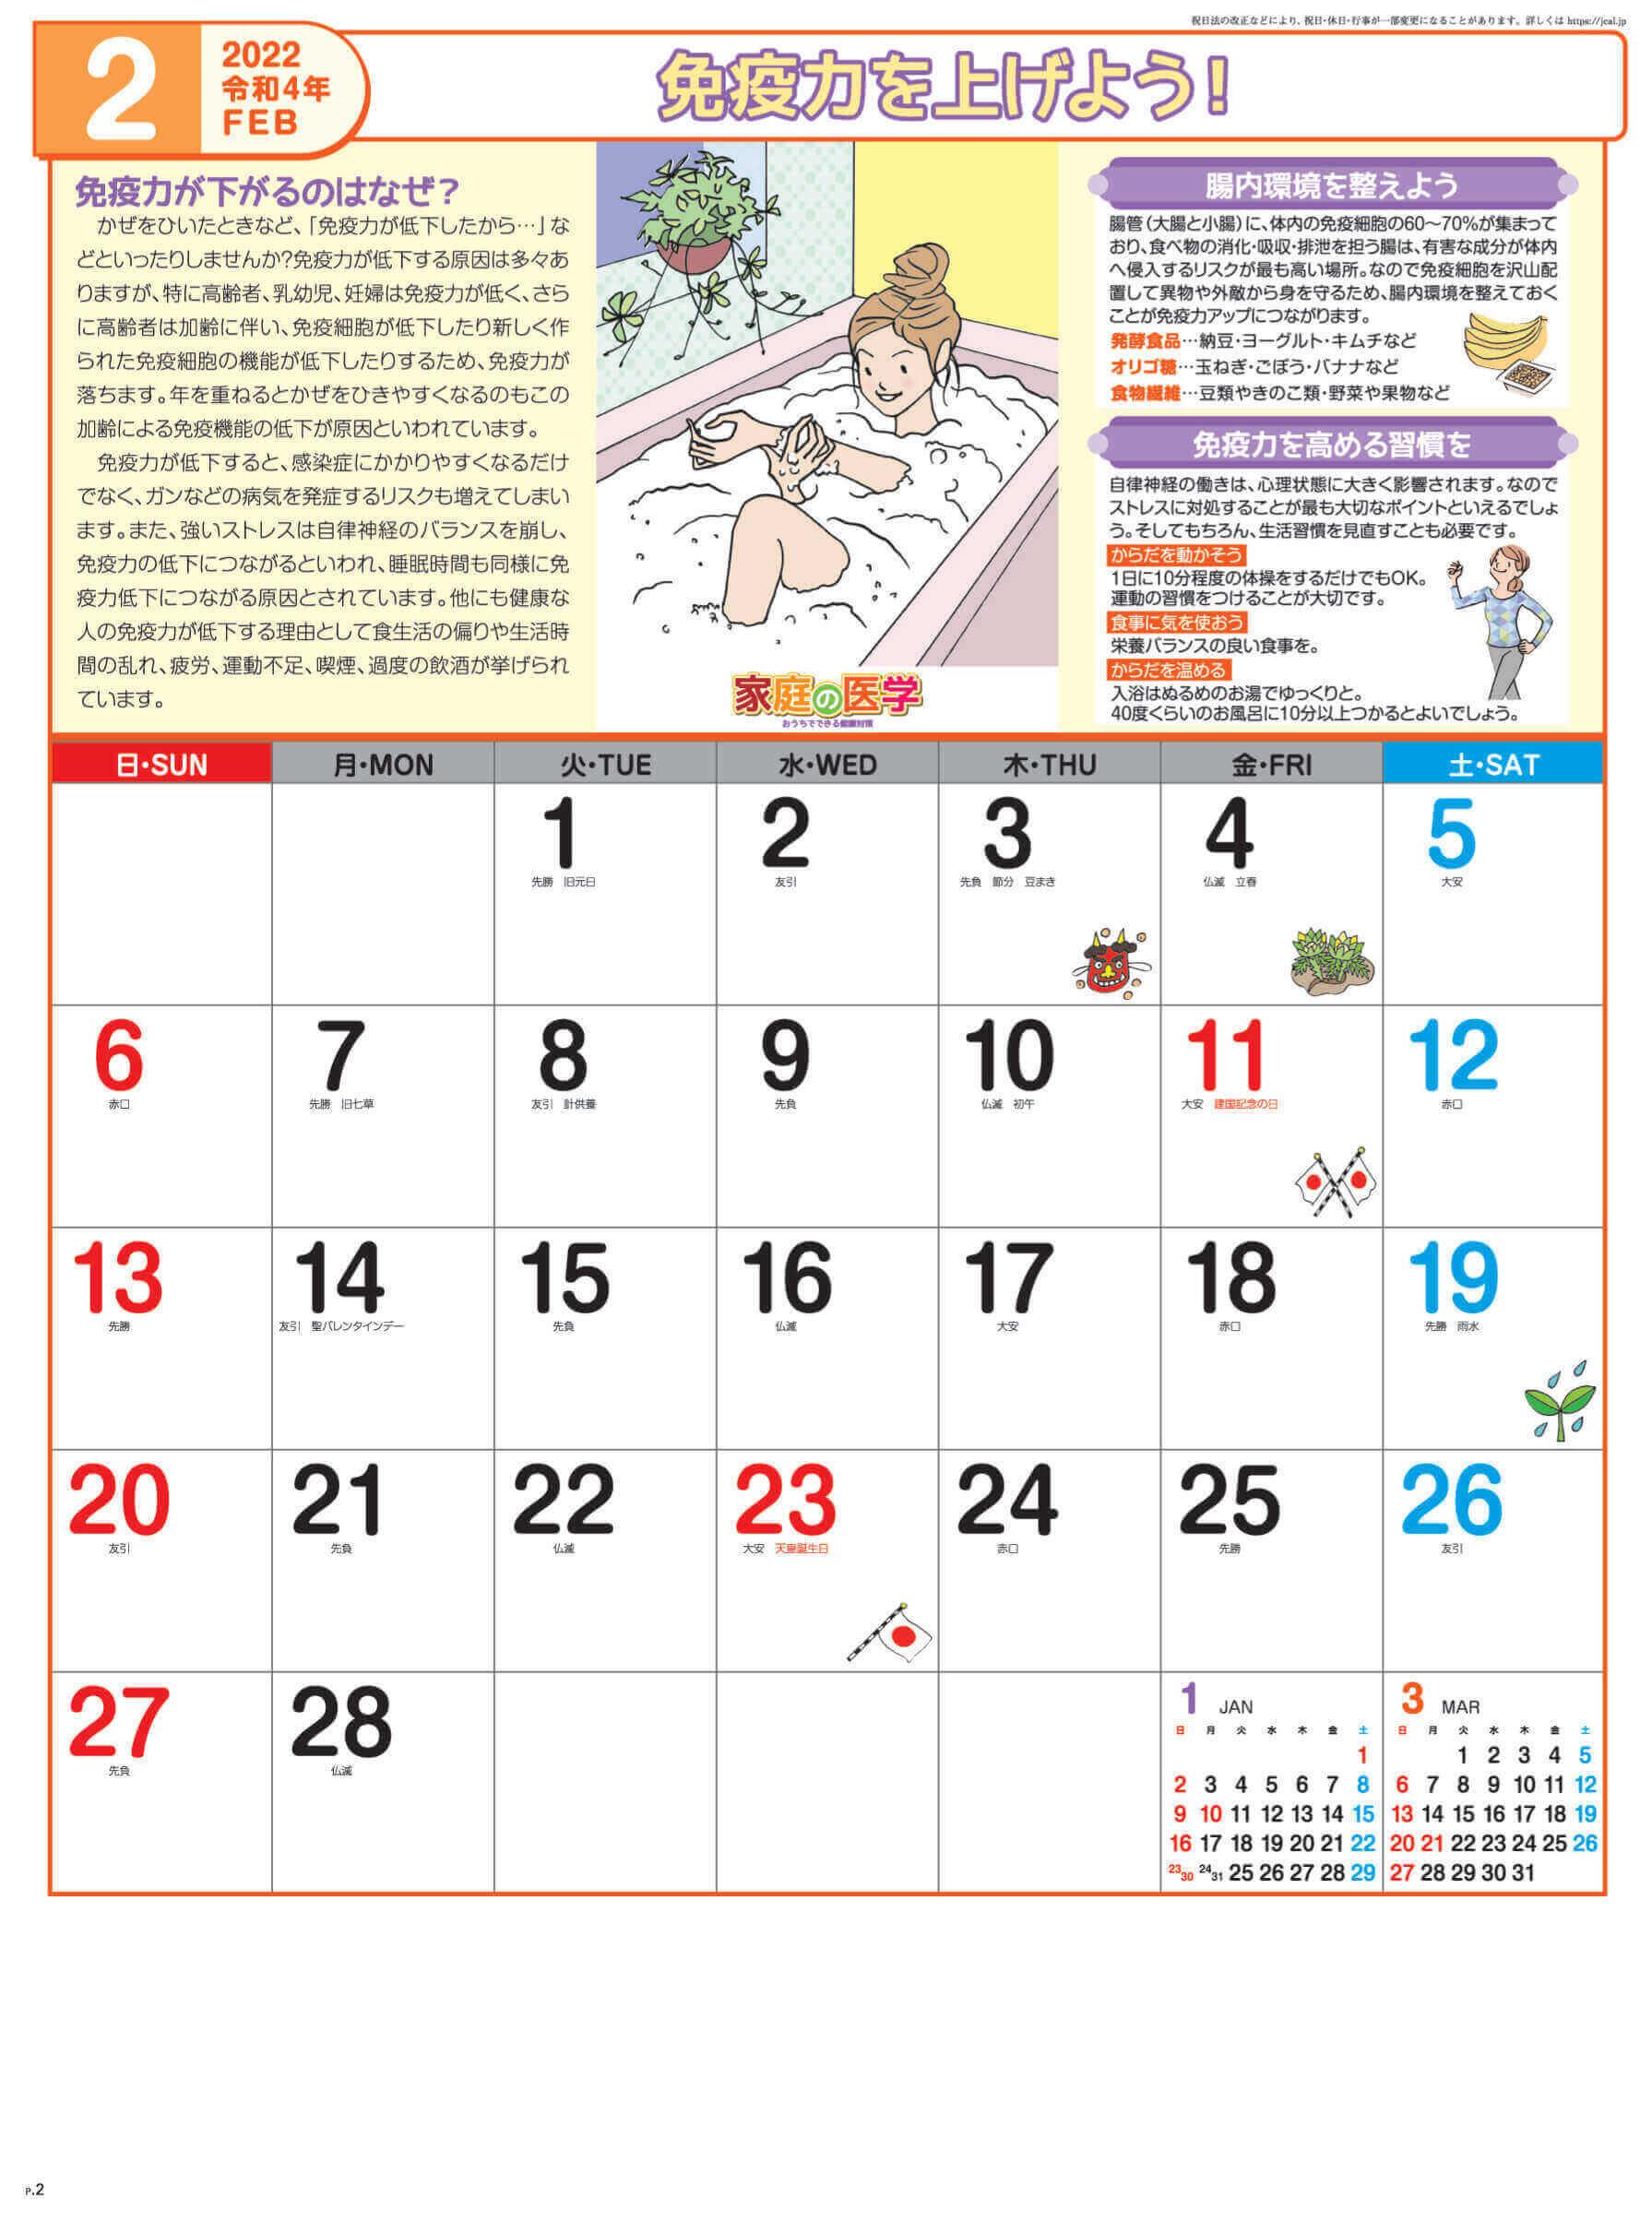 2月 免疫力を上げよう 家庭の医学 2022年カレンダーの画像